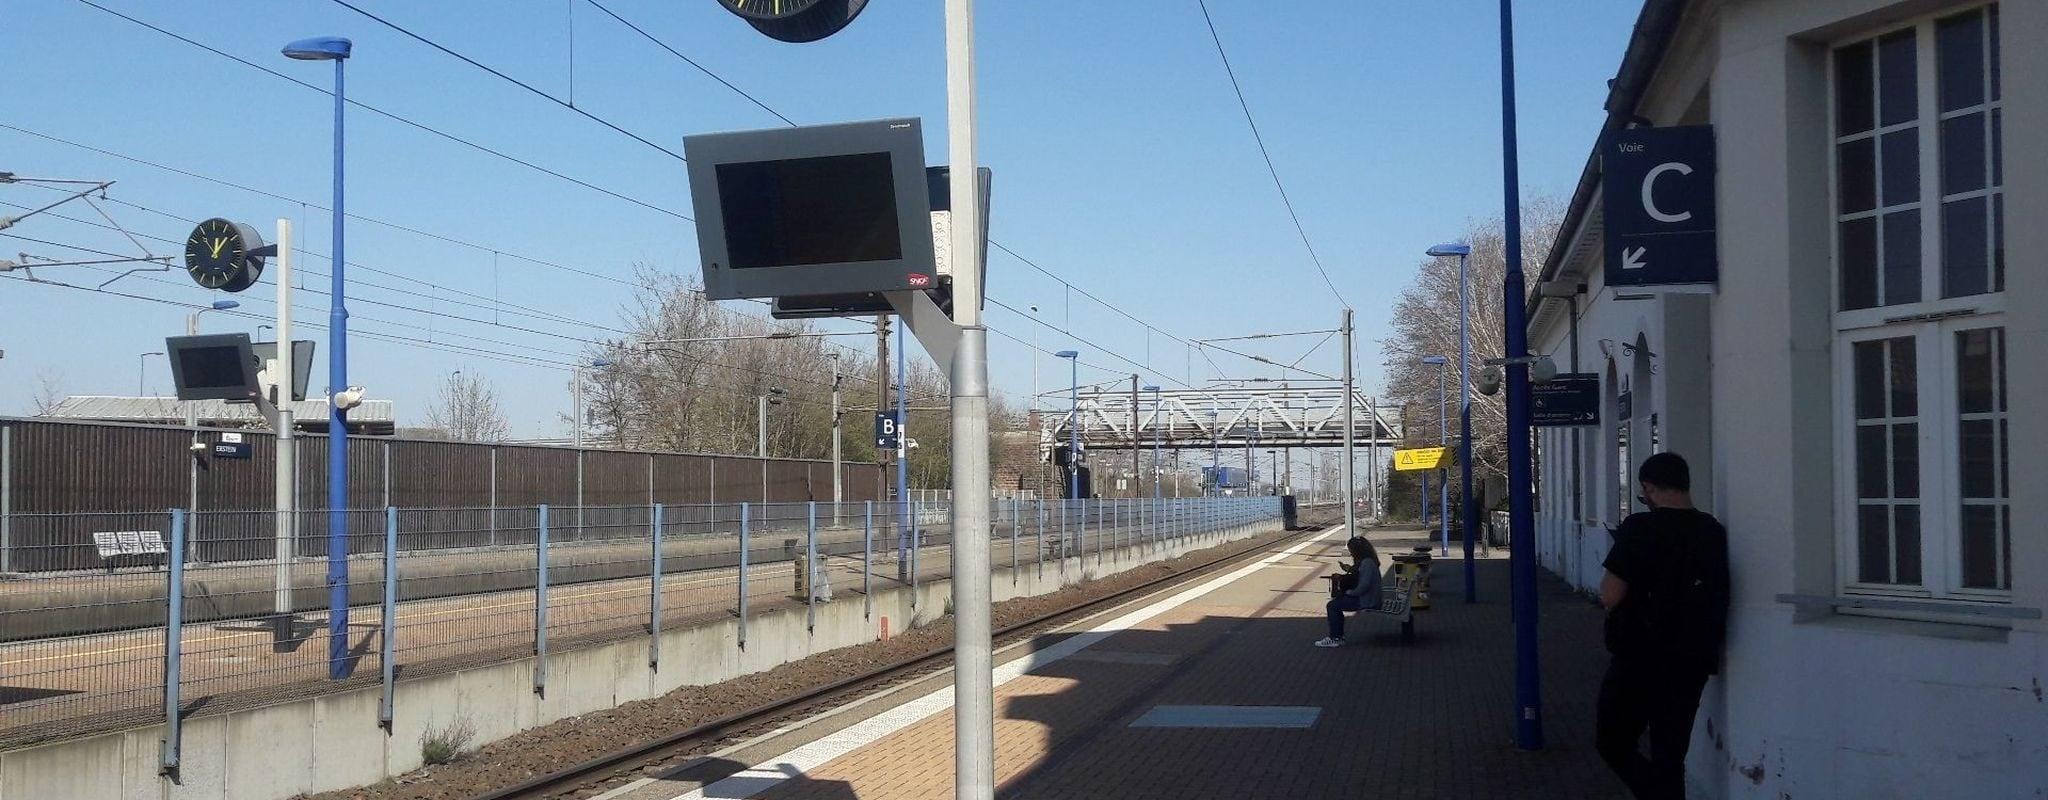 Rupture d'alimentation des aiguillages, annulations et retards de trains à Strasbourg